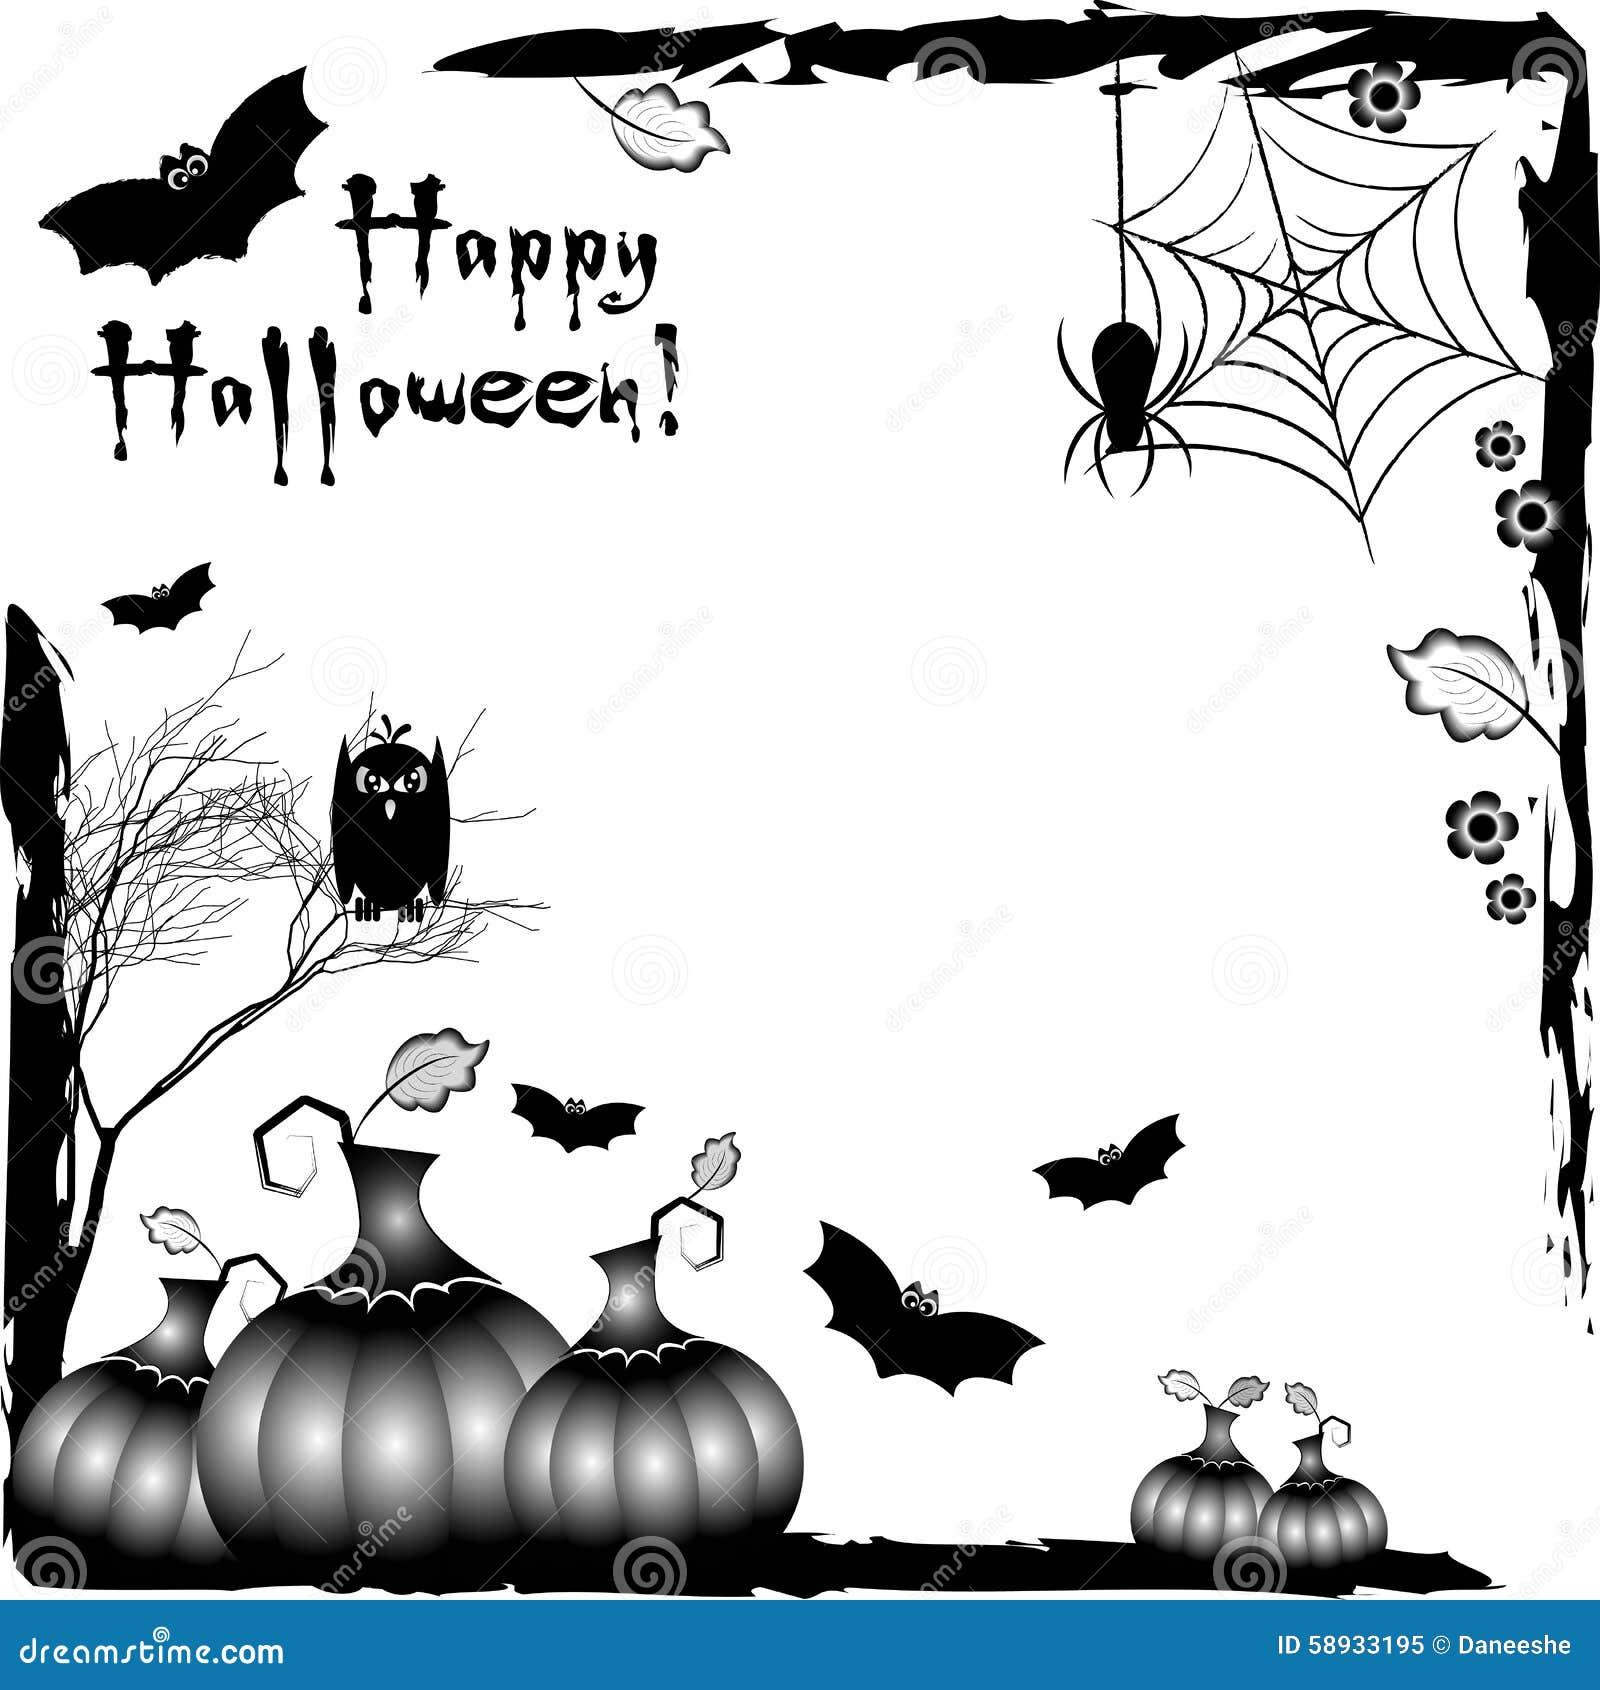 Festive Illustration On Theme Of Halloween. Black Corner Frames ...